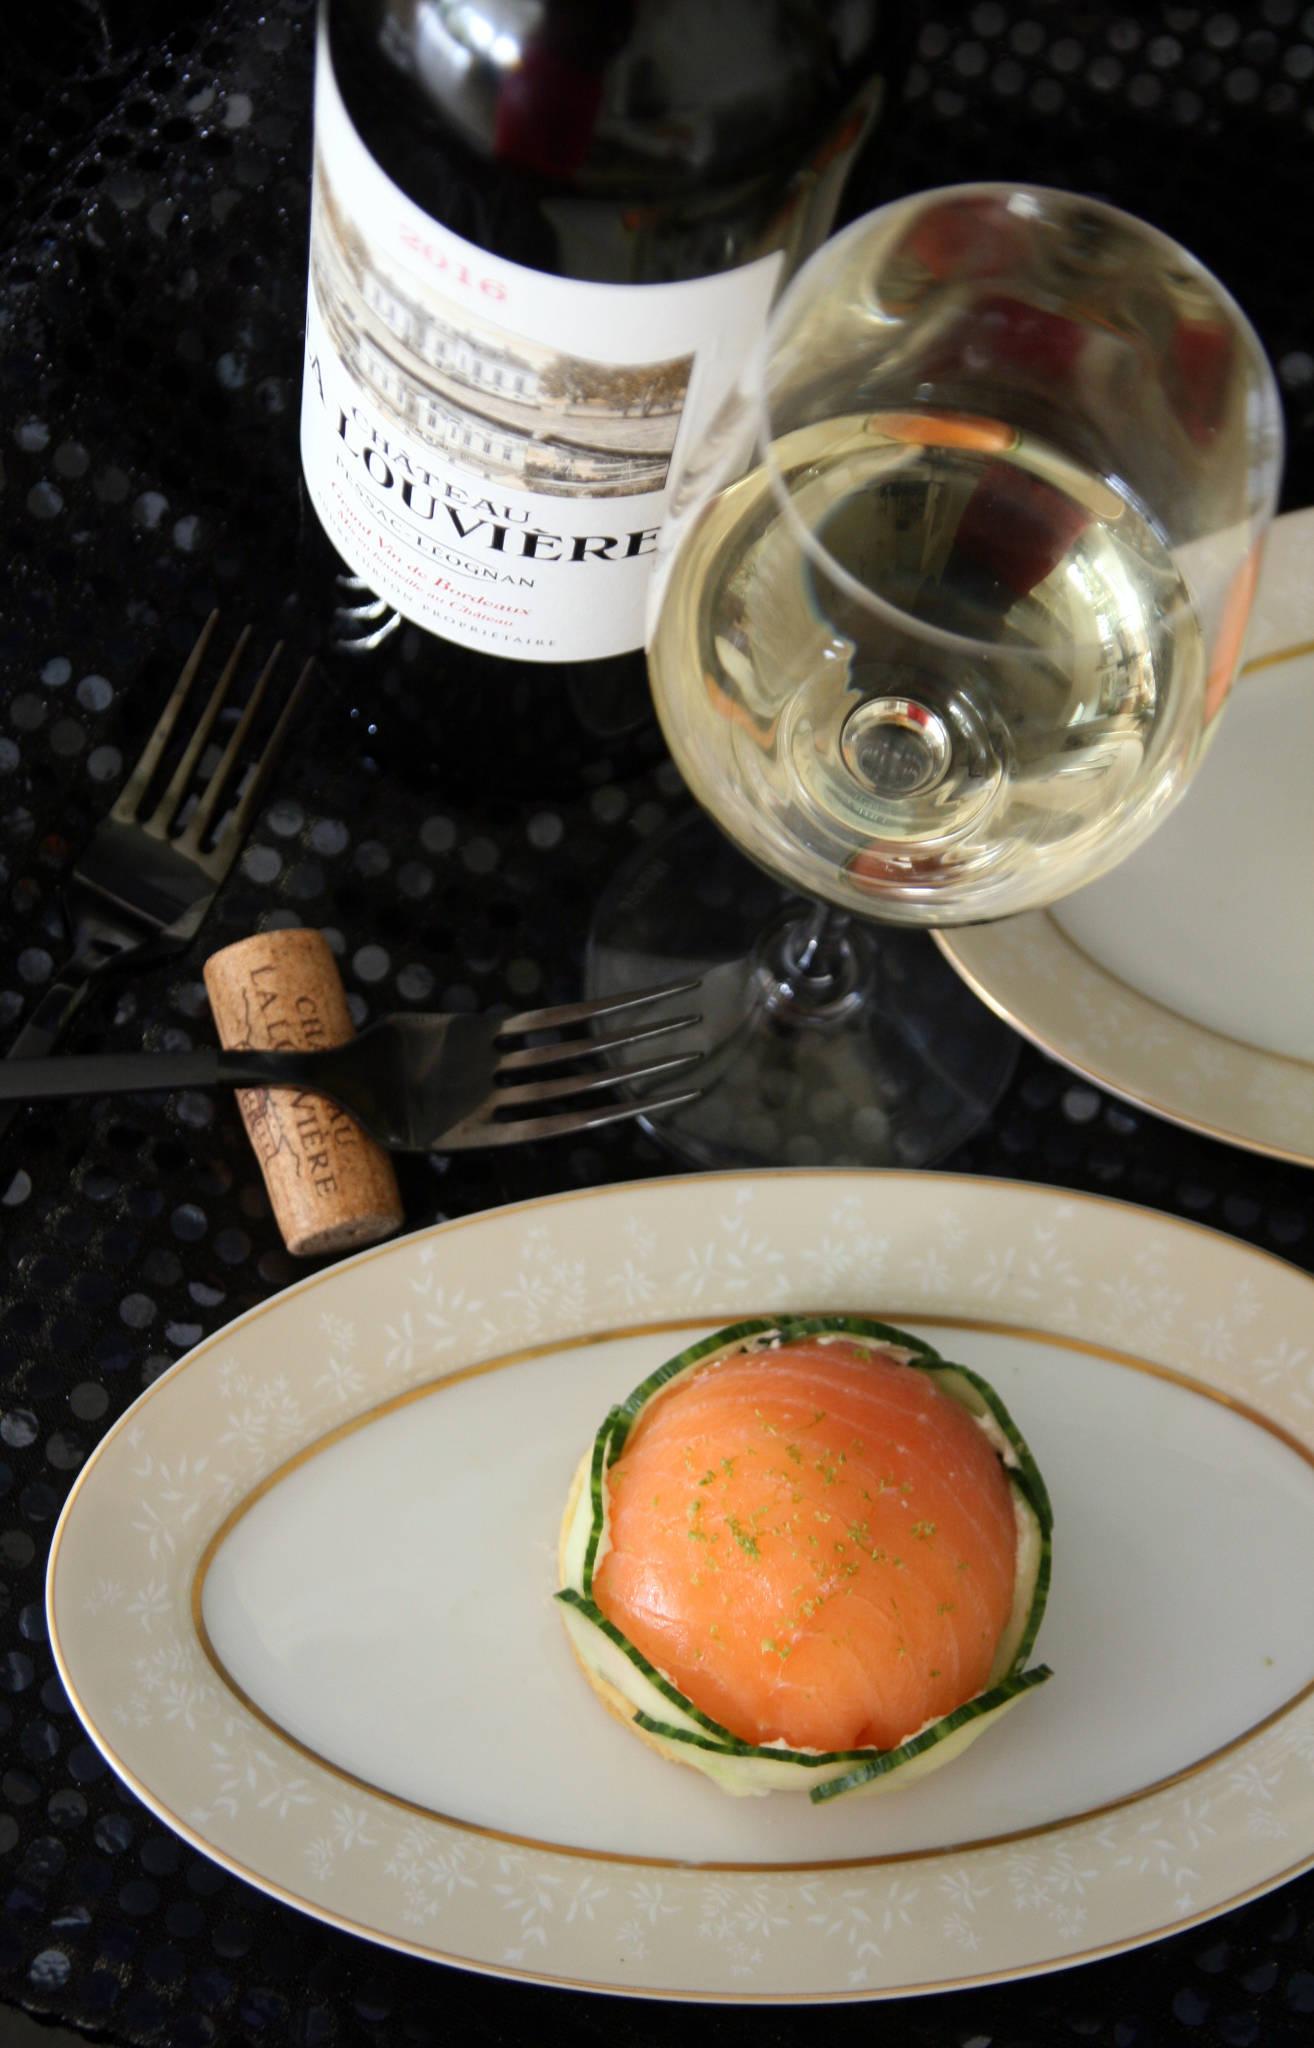 Dômes de saumon fumé à la crème citronnée, concombre, sablé au parmesan, Château La Louvière blanc 2016